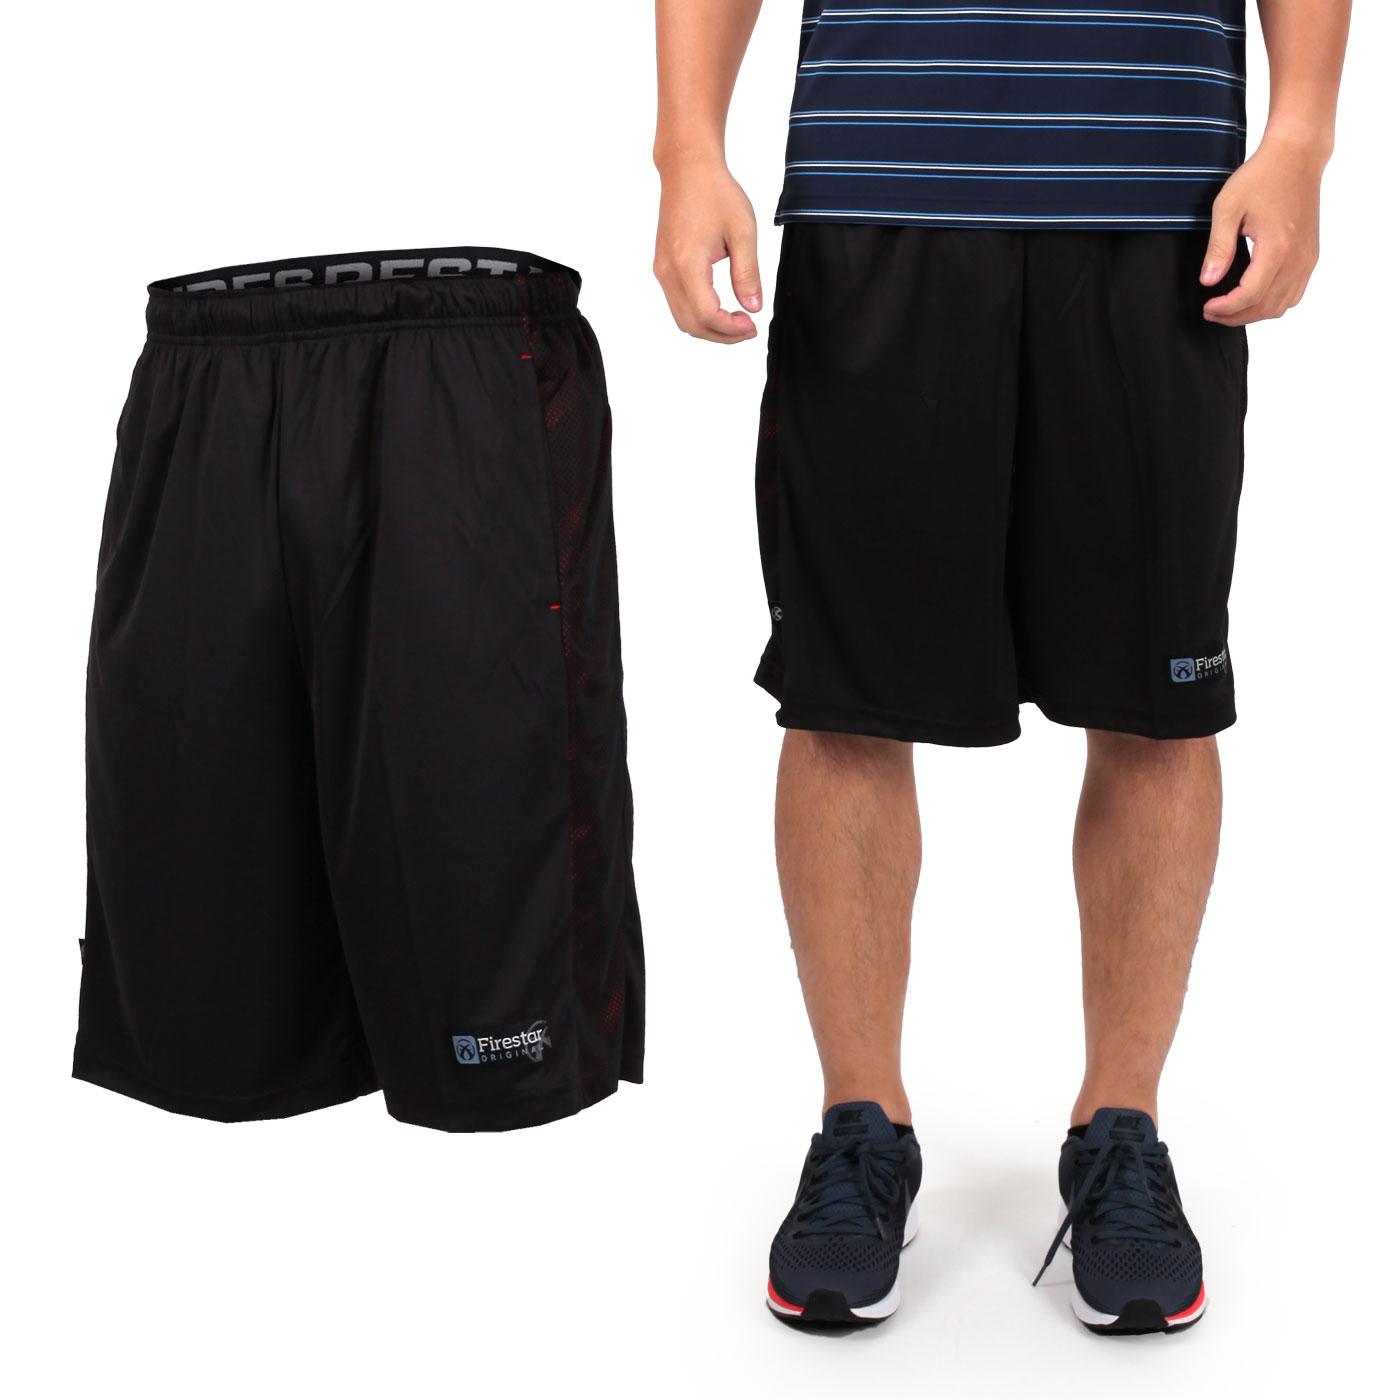 FIRESTAR 男籃球褲 B7603-40 - 黑紅